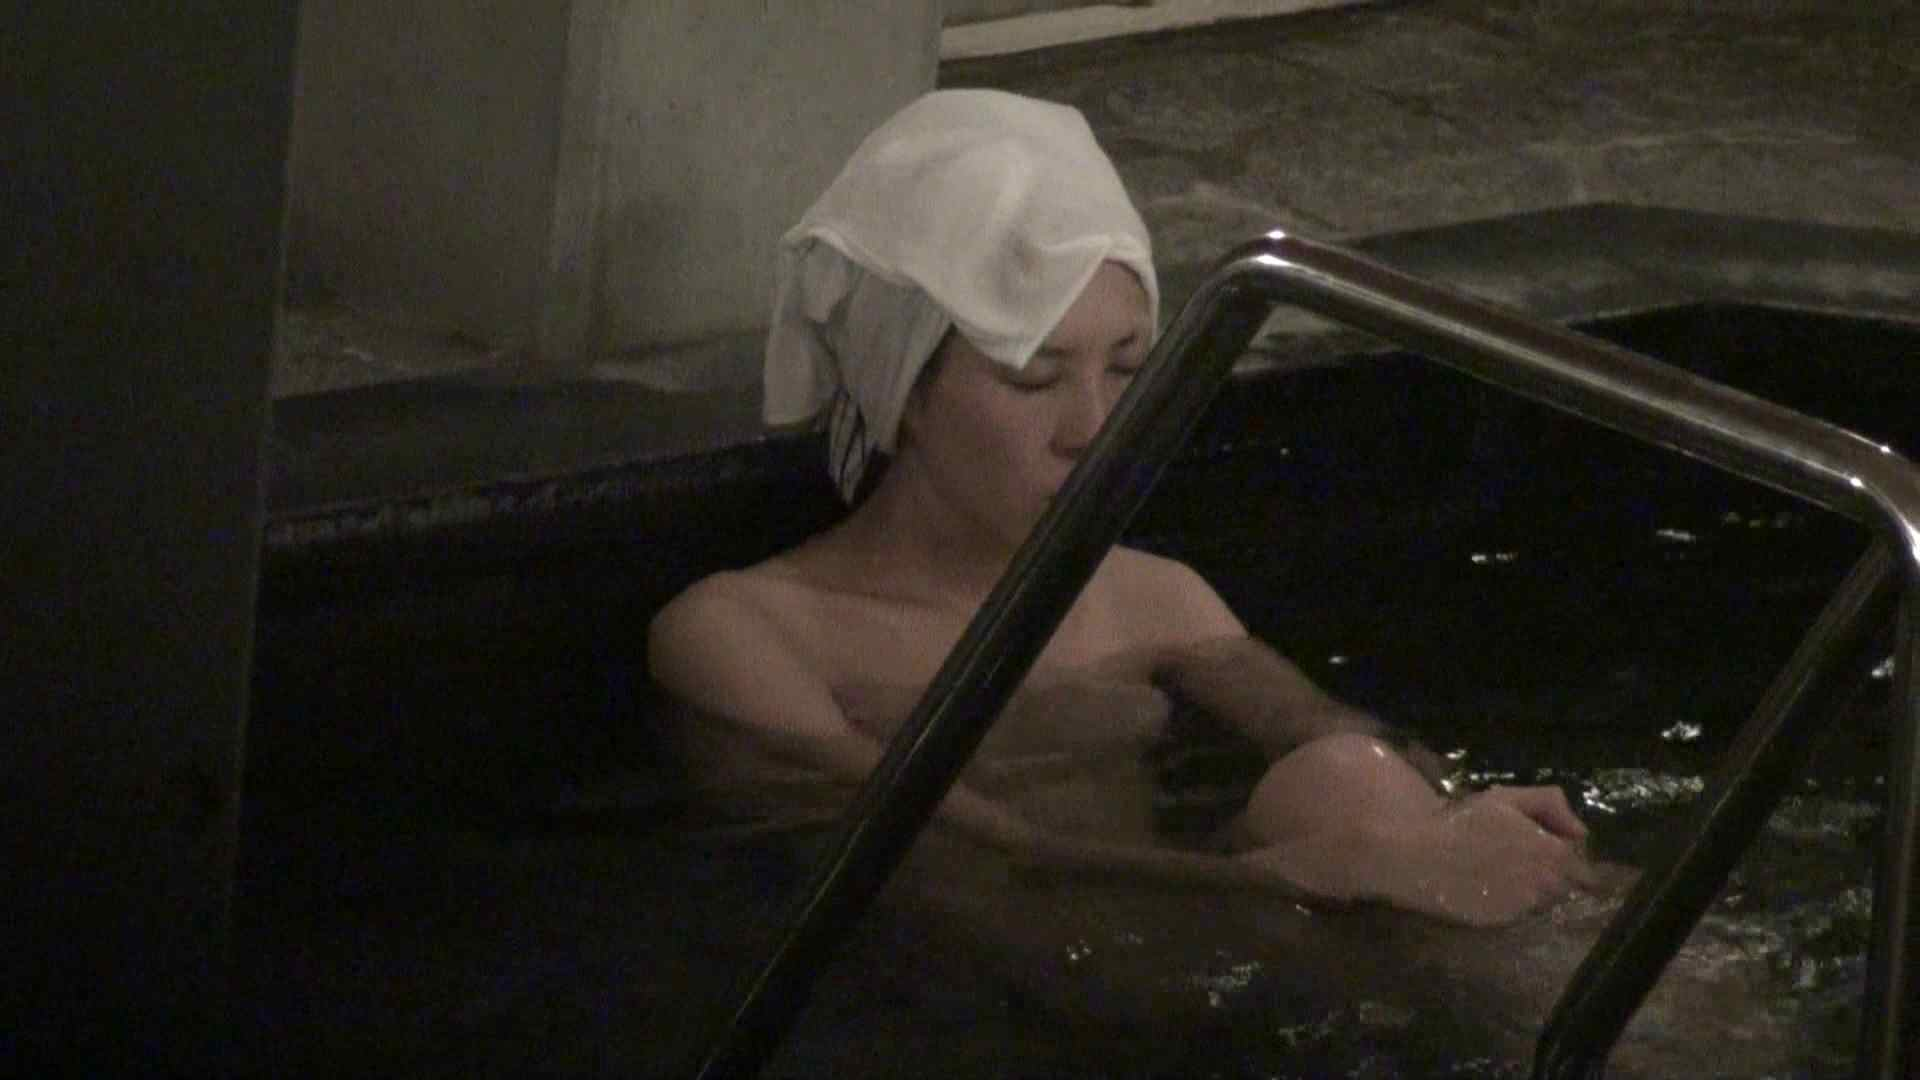 Aquaな露天風呂Vol.358 盗撮  92画像 39